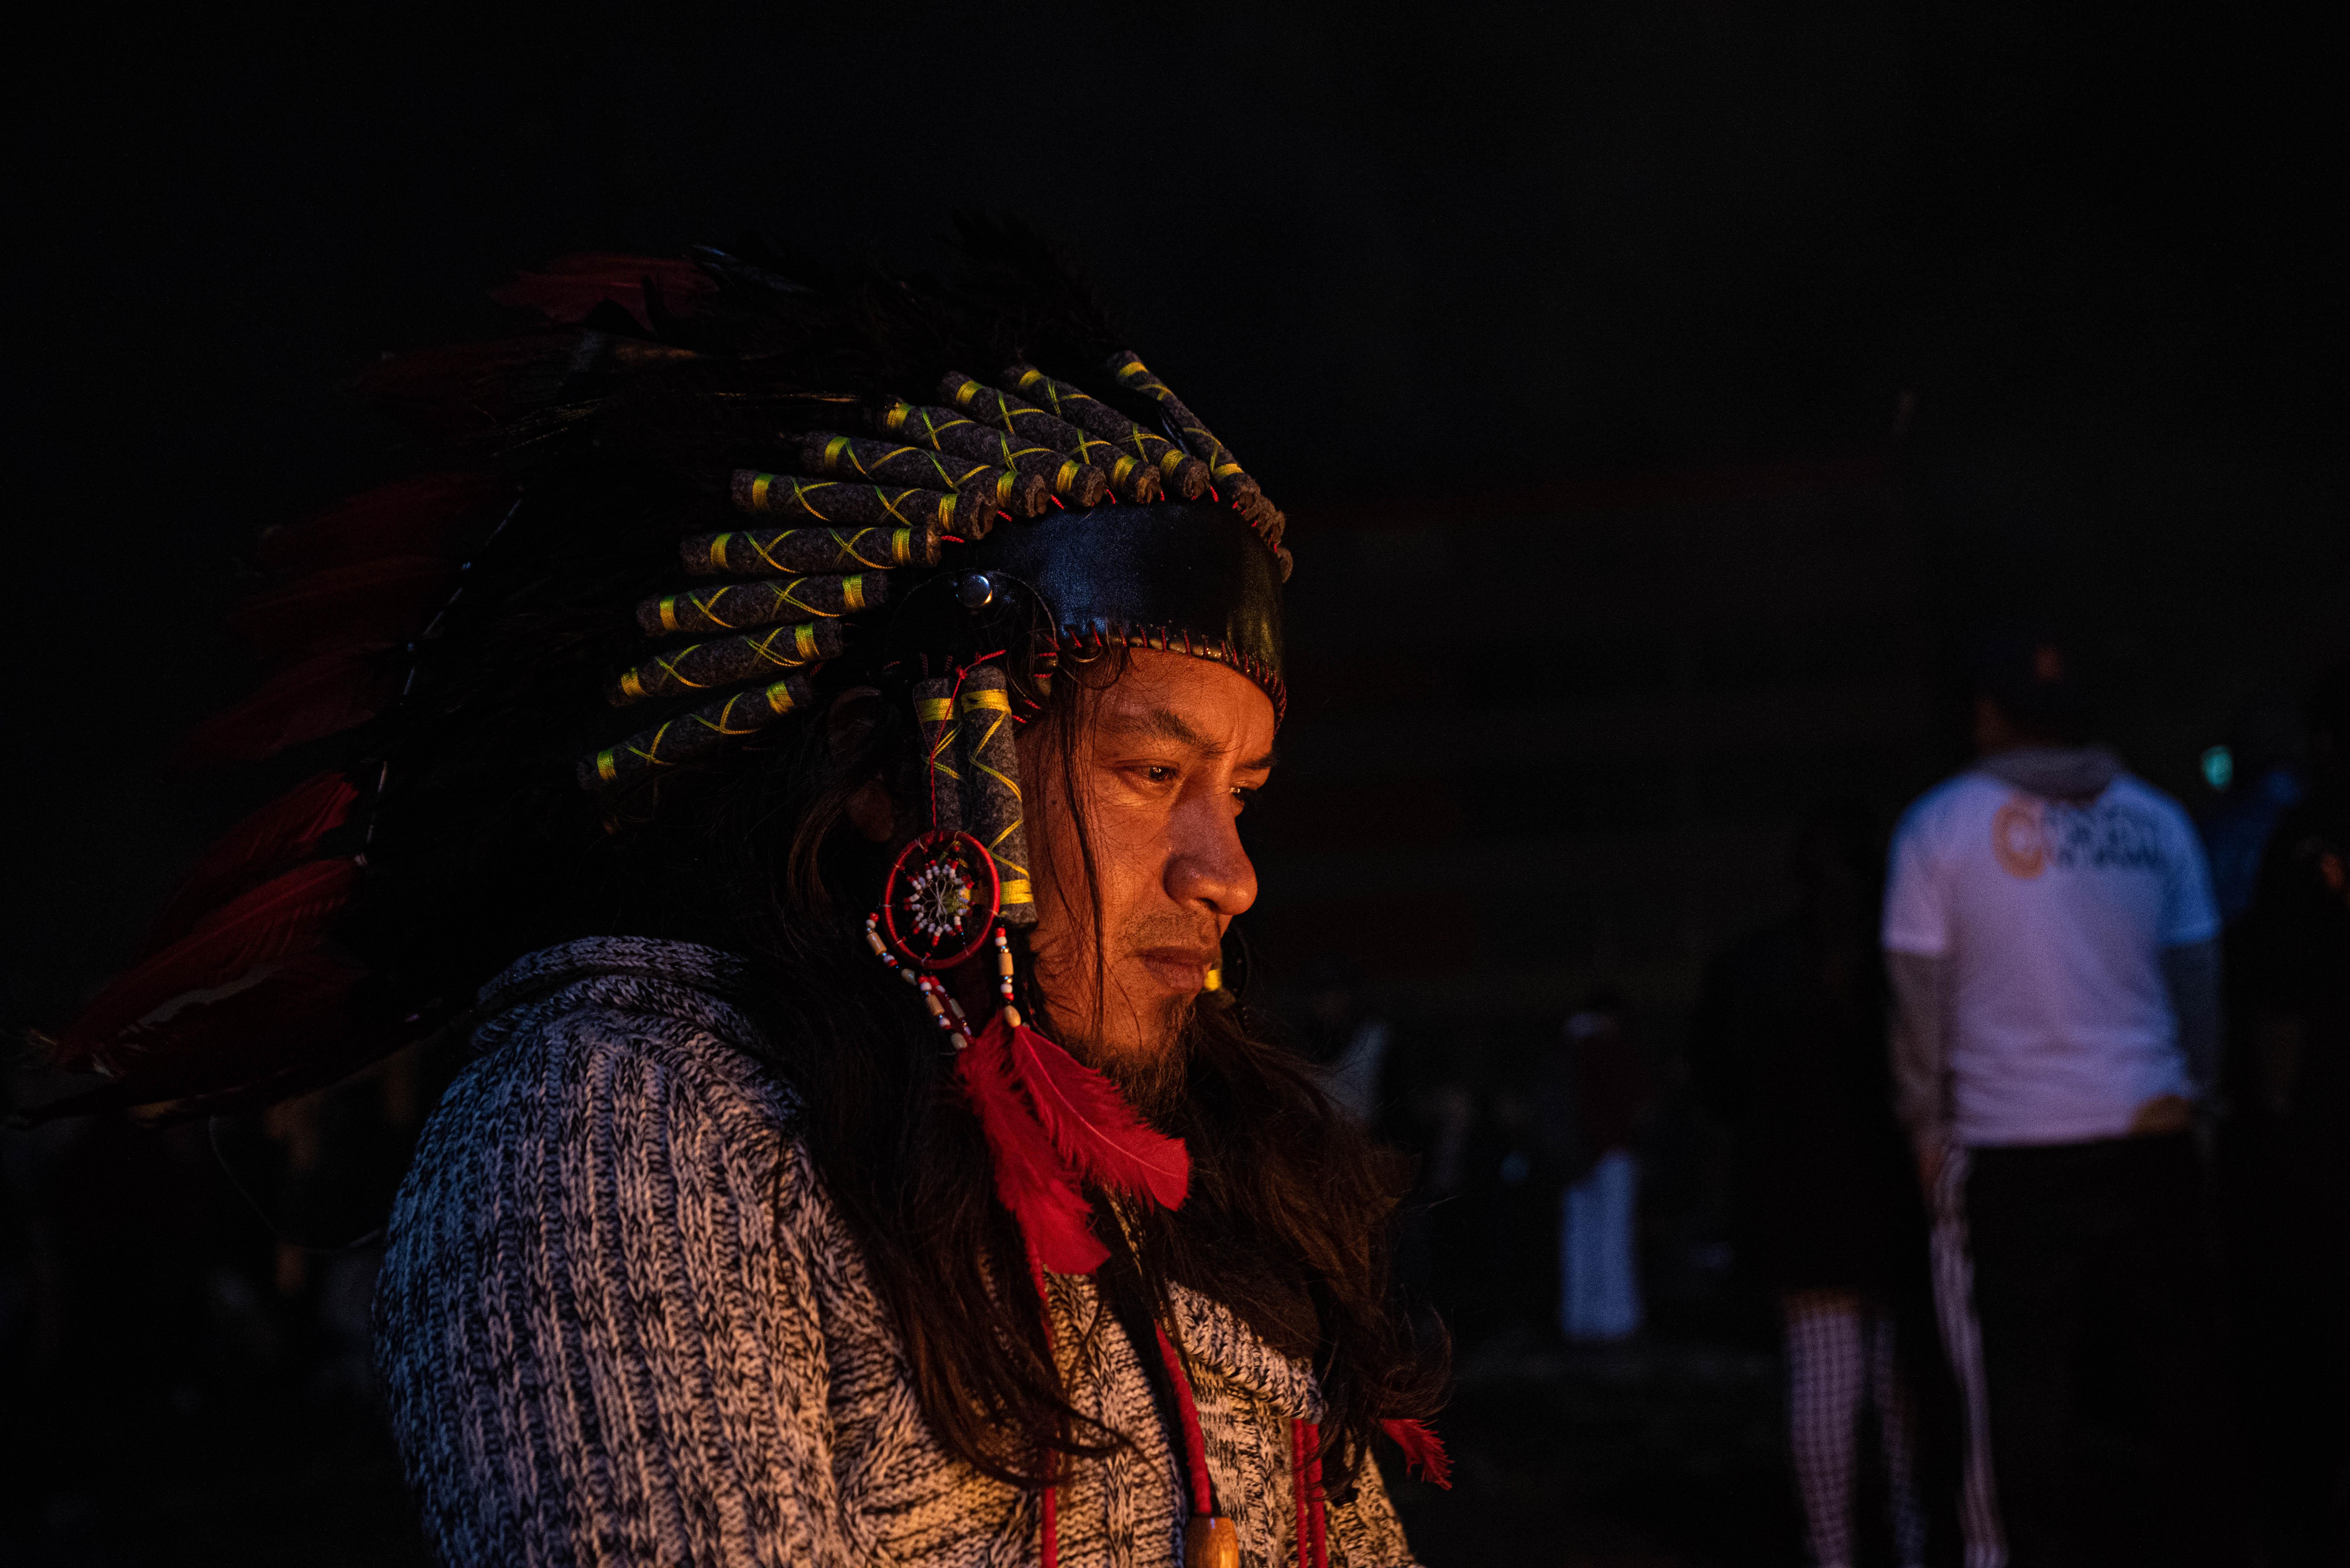 Un hombre con vestimenta tradicional aborigen en medio de los festejos en las calles de Quito.